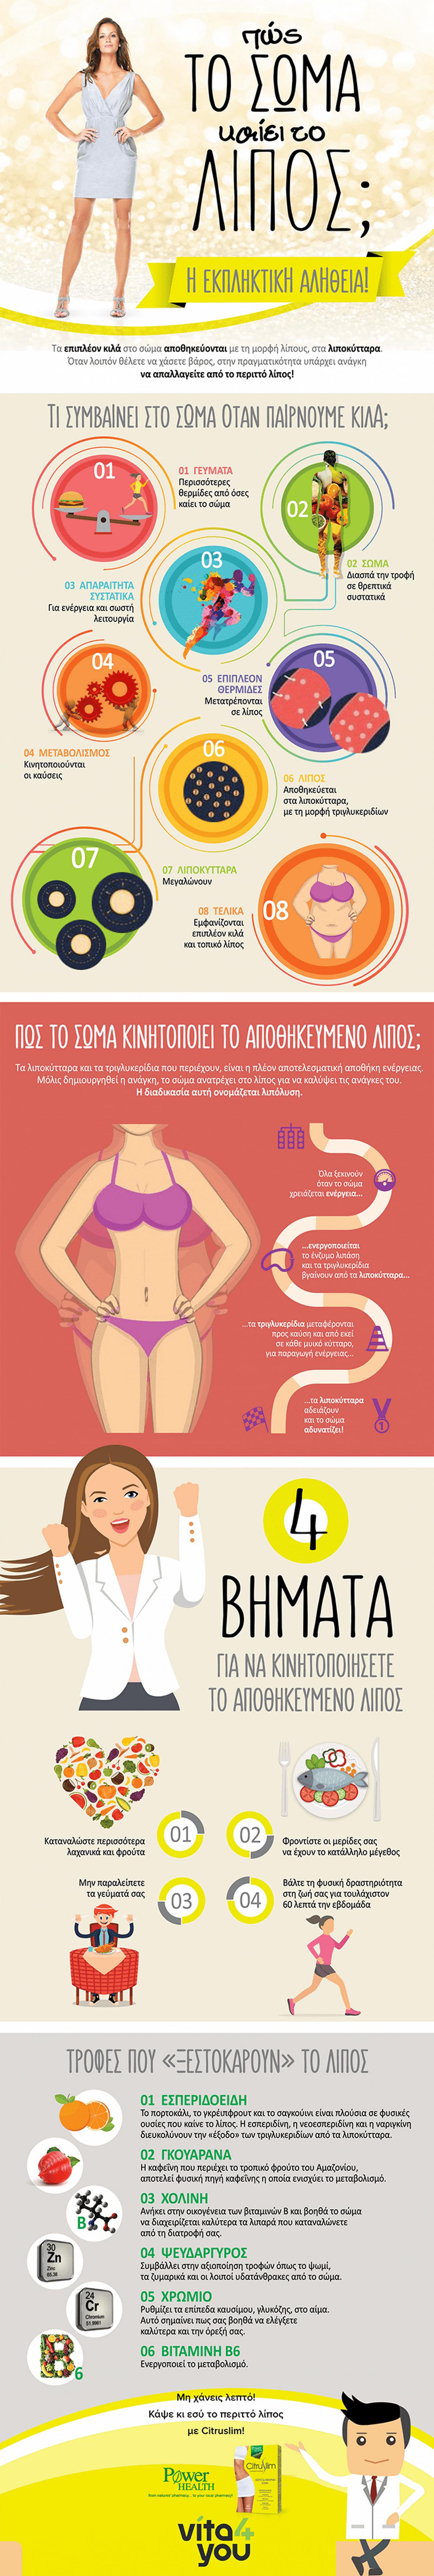 Πώς καίει το σώμα το λίπος; Μειώστε το με τη βοήθεια του Citruslim!